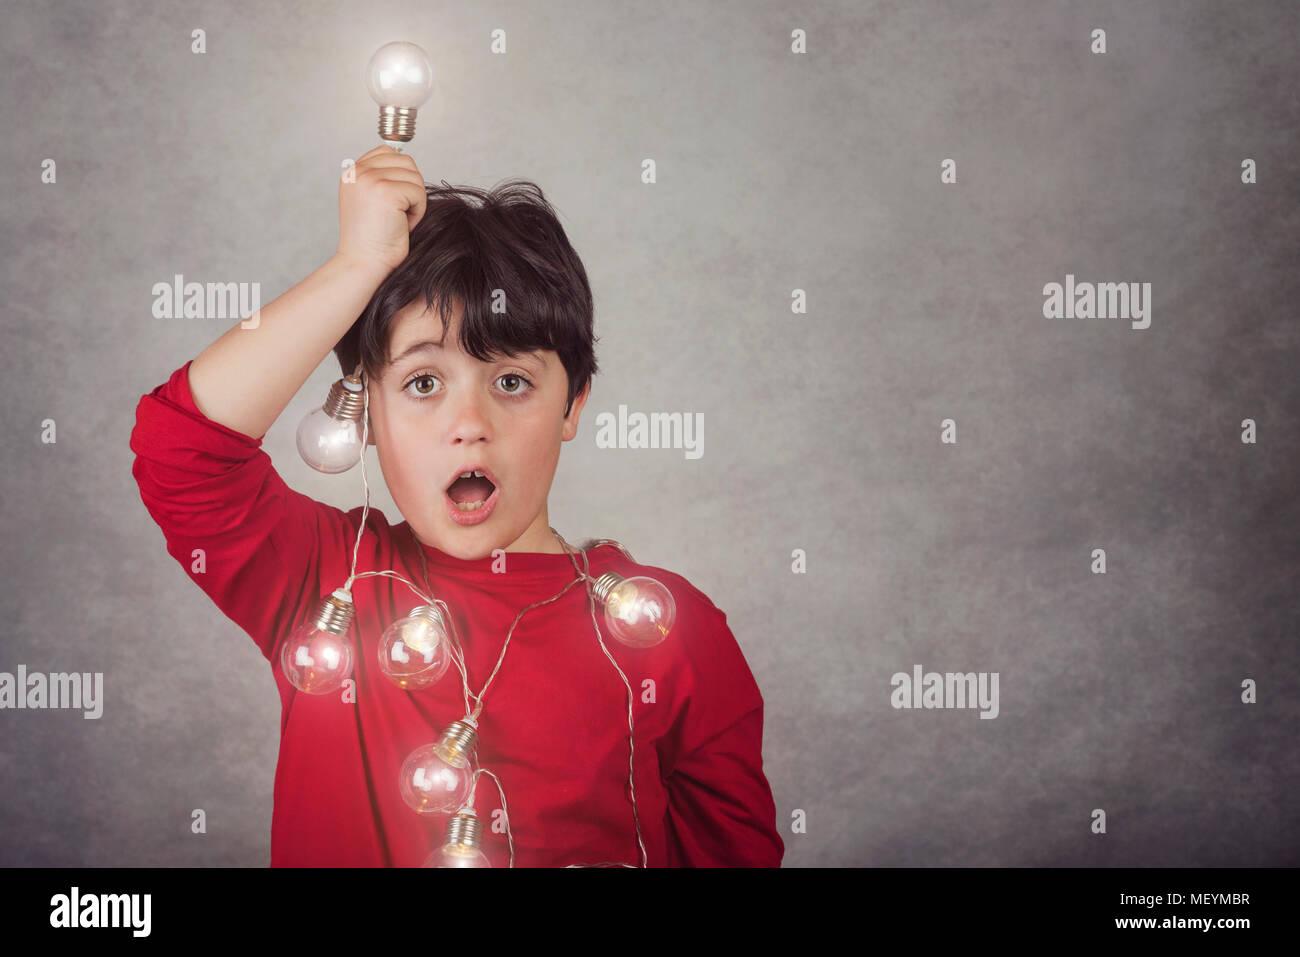 Sorprendido muchacho con bombillas sobre fondo gris Imagen De Stock